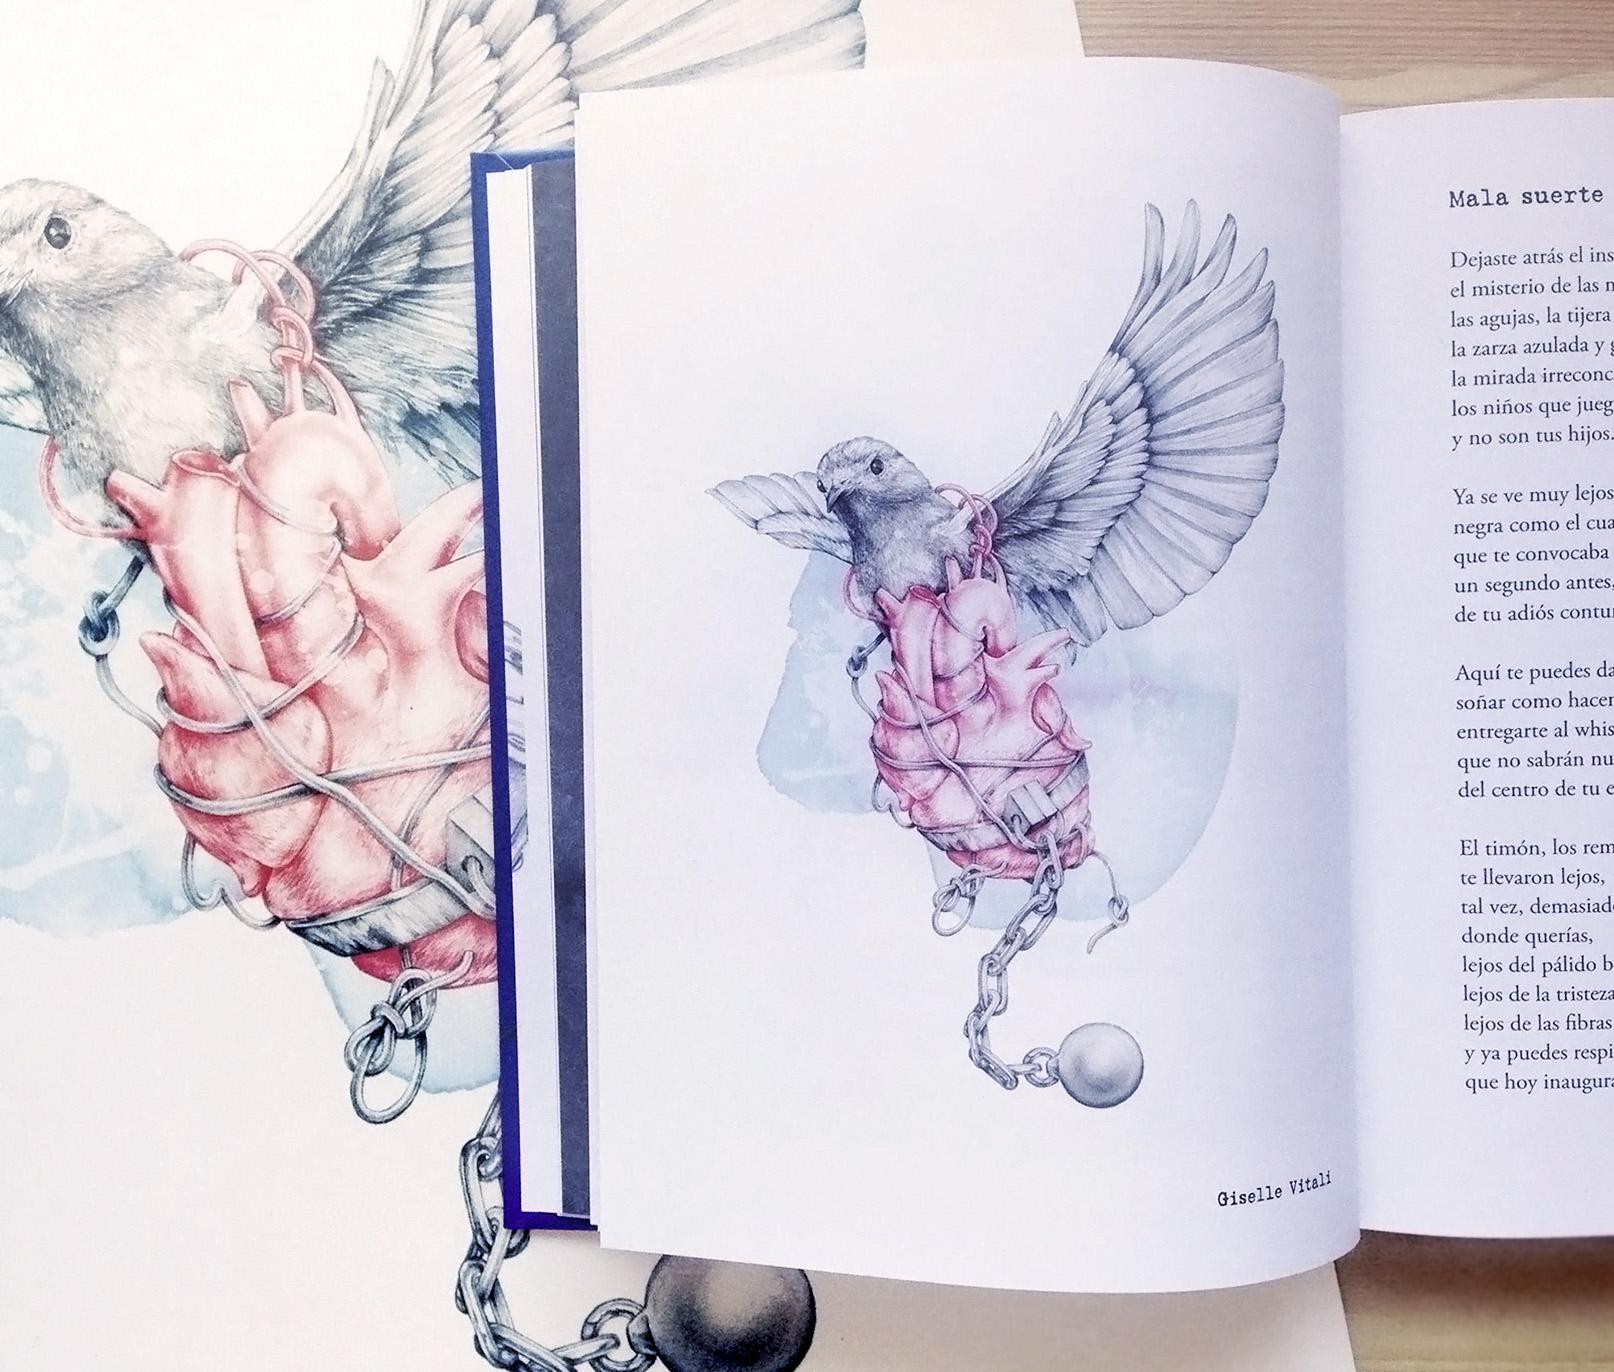 Ilustraciones de Apnea Ilustrada de Ruben Tejerina con la editorial Frida Ediciones